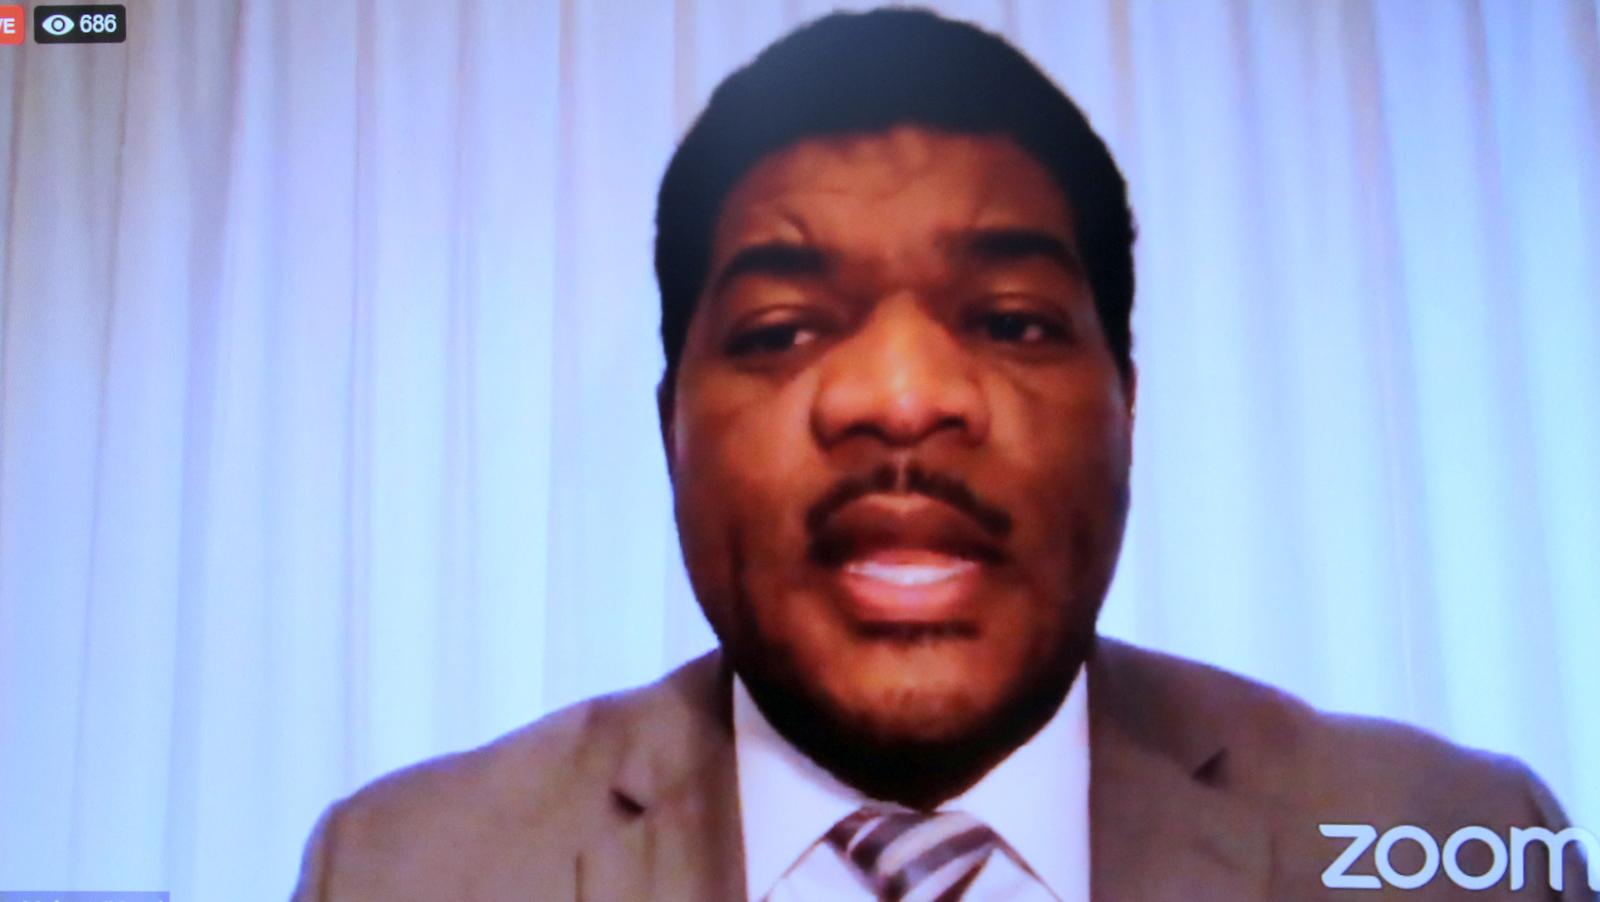 Former Baltimore police spokesman T.J. Smith. (Baltimore NAACP Facebook)